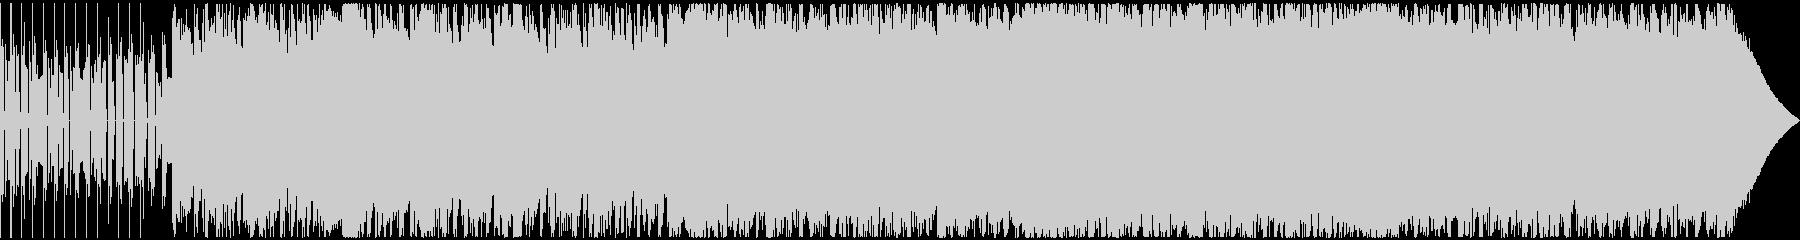 ポップ テクノ ハードコア ダブス...の未再生の波形